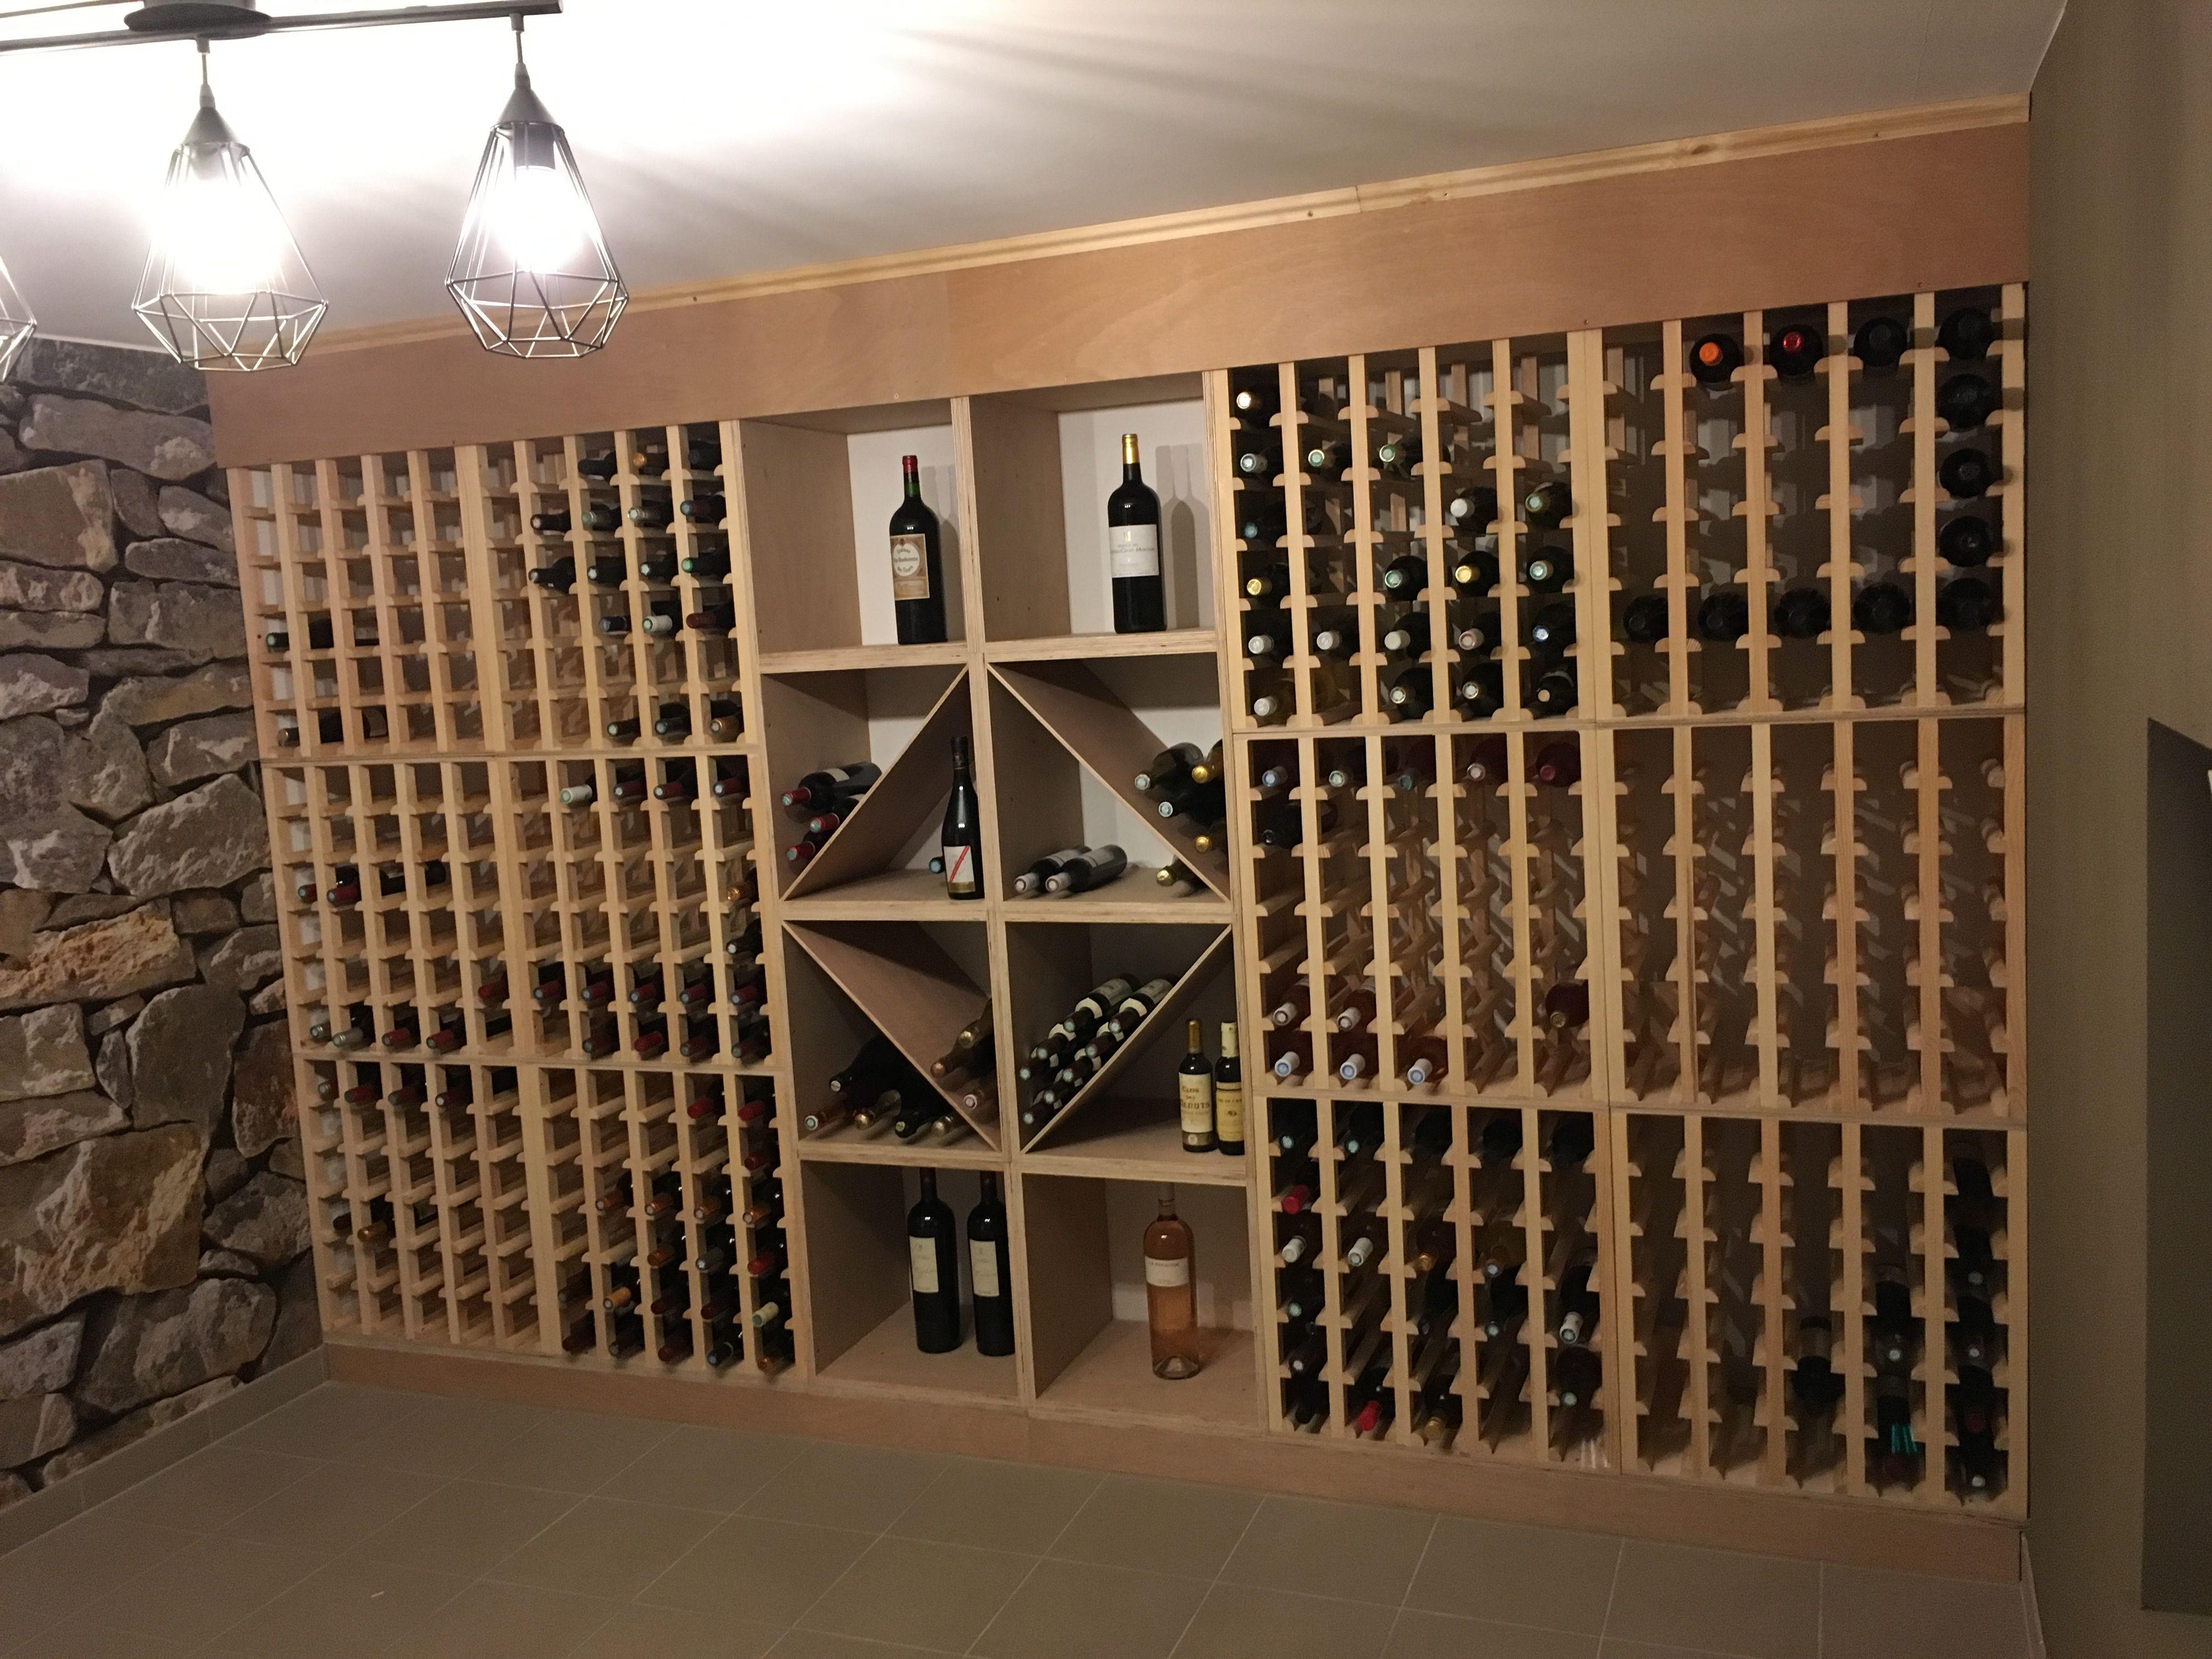 casiers pour bouteilles casier vin cave a vin rangement du vin amenagement cave casier bois meuble en bois amenagement d une magnifique cave